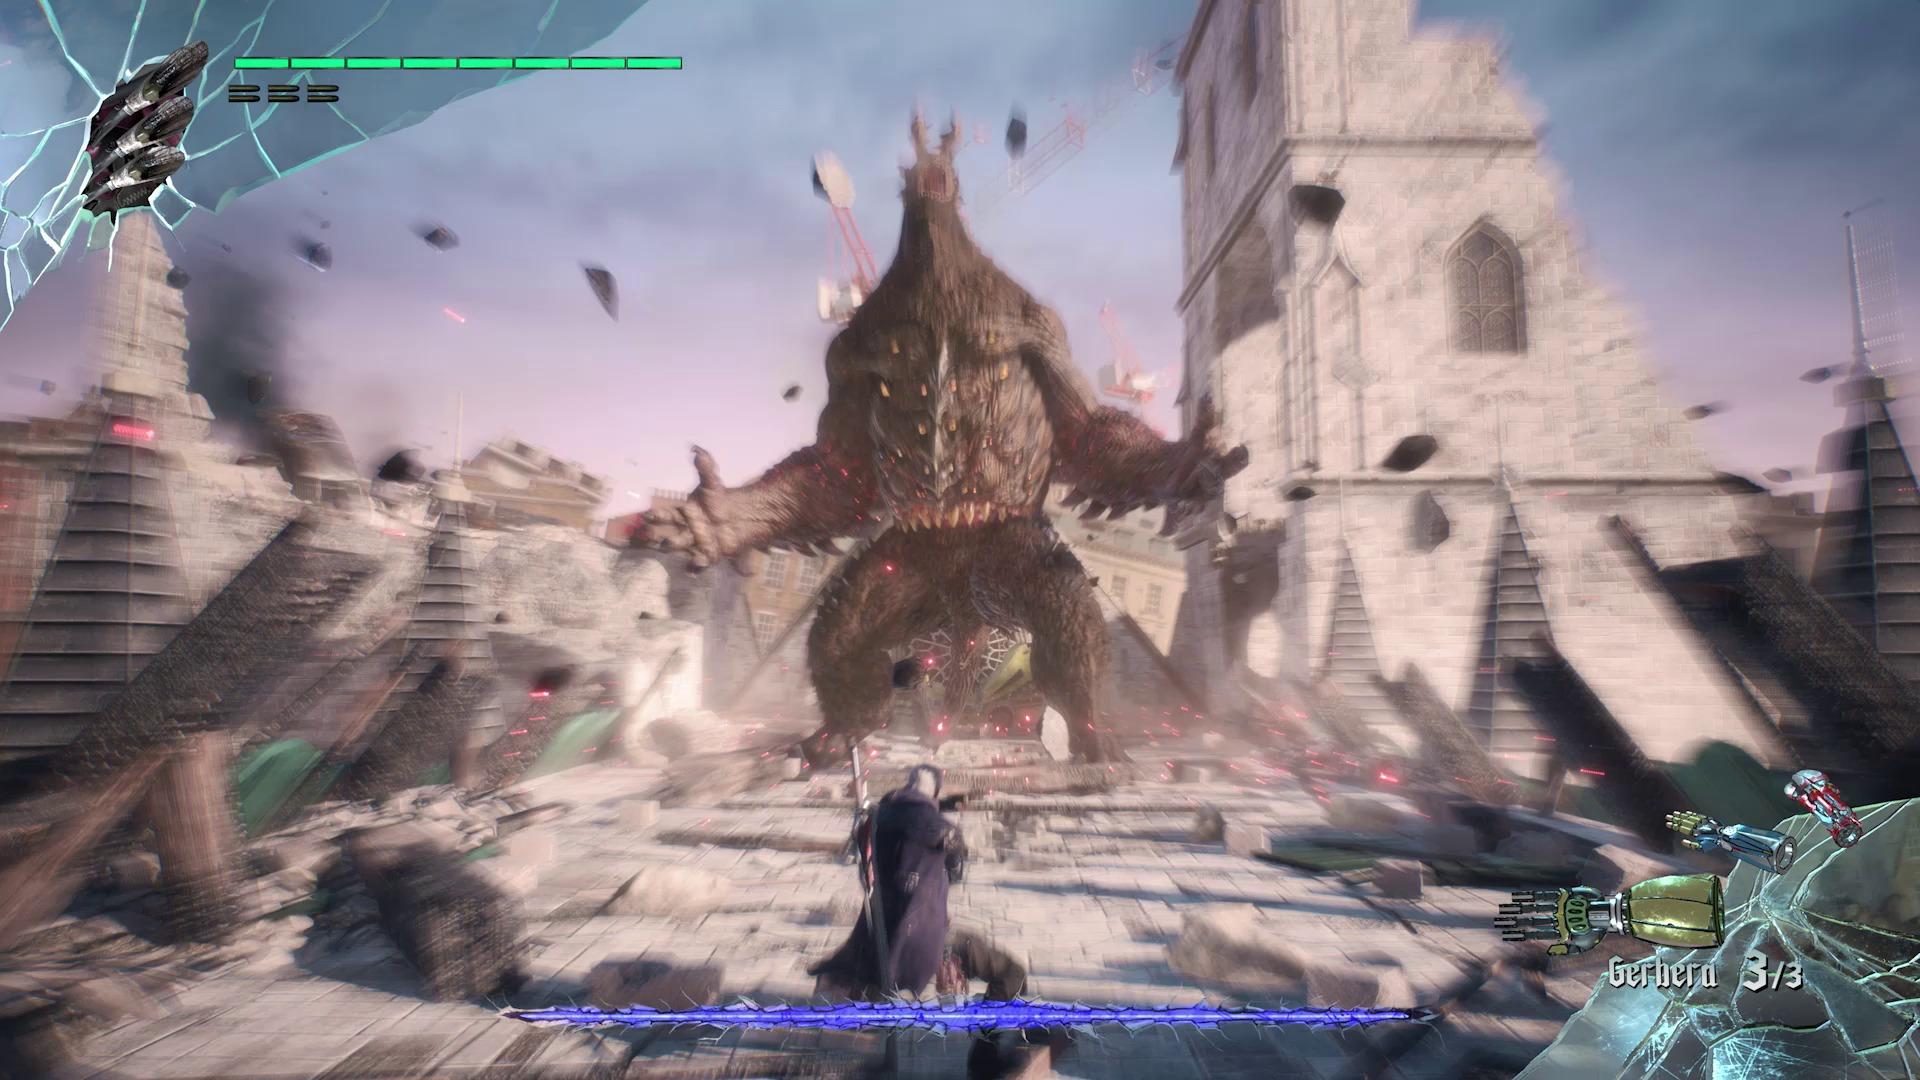 Le Goliath s'époumonne vers le ciel